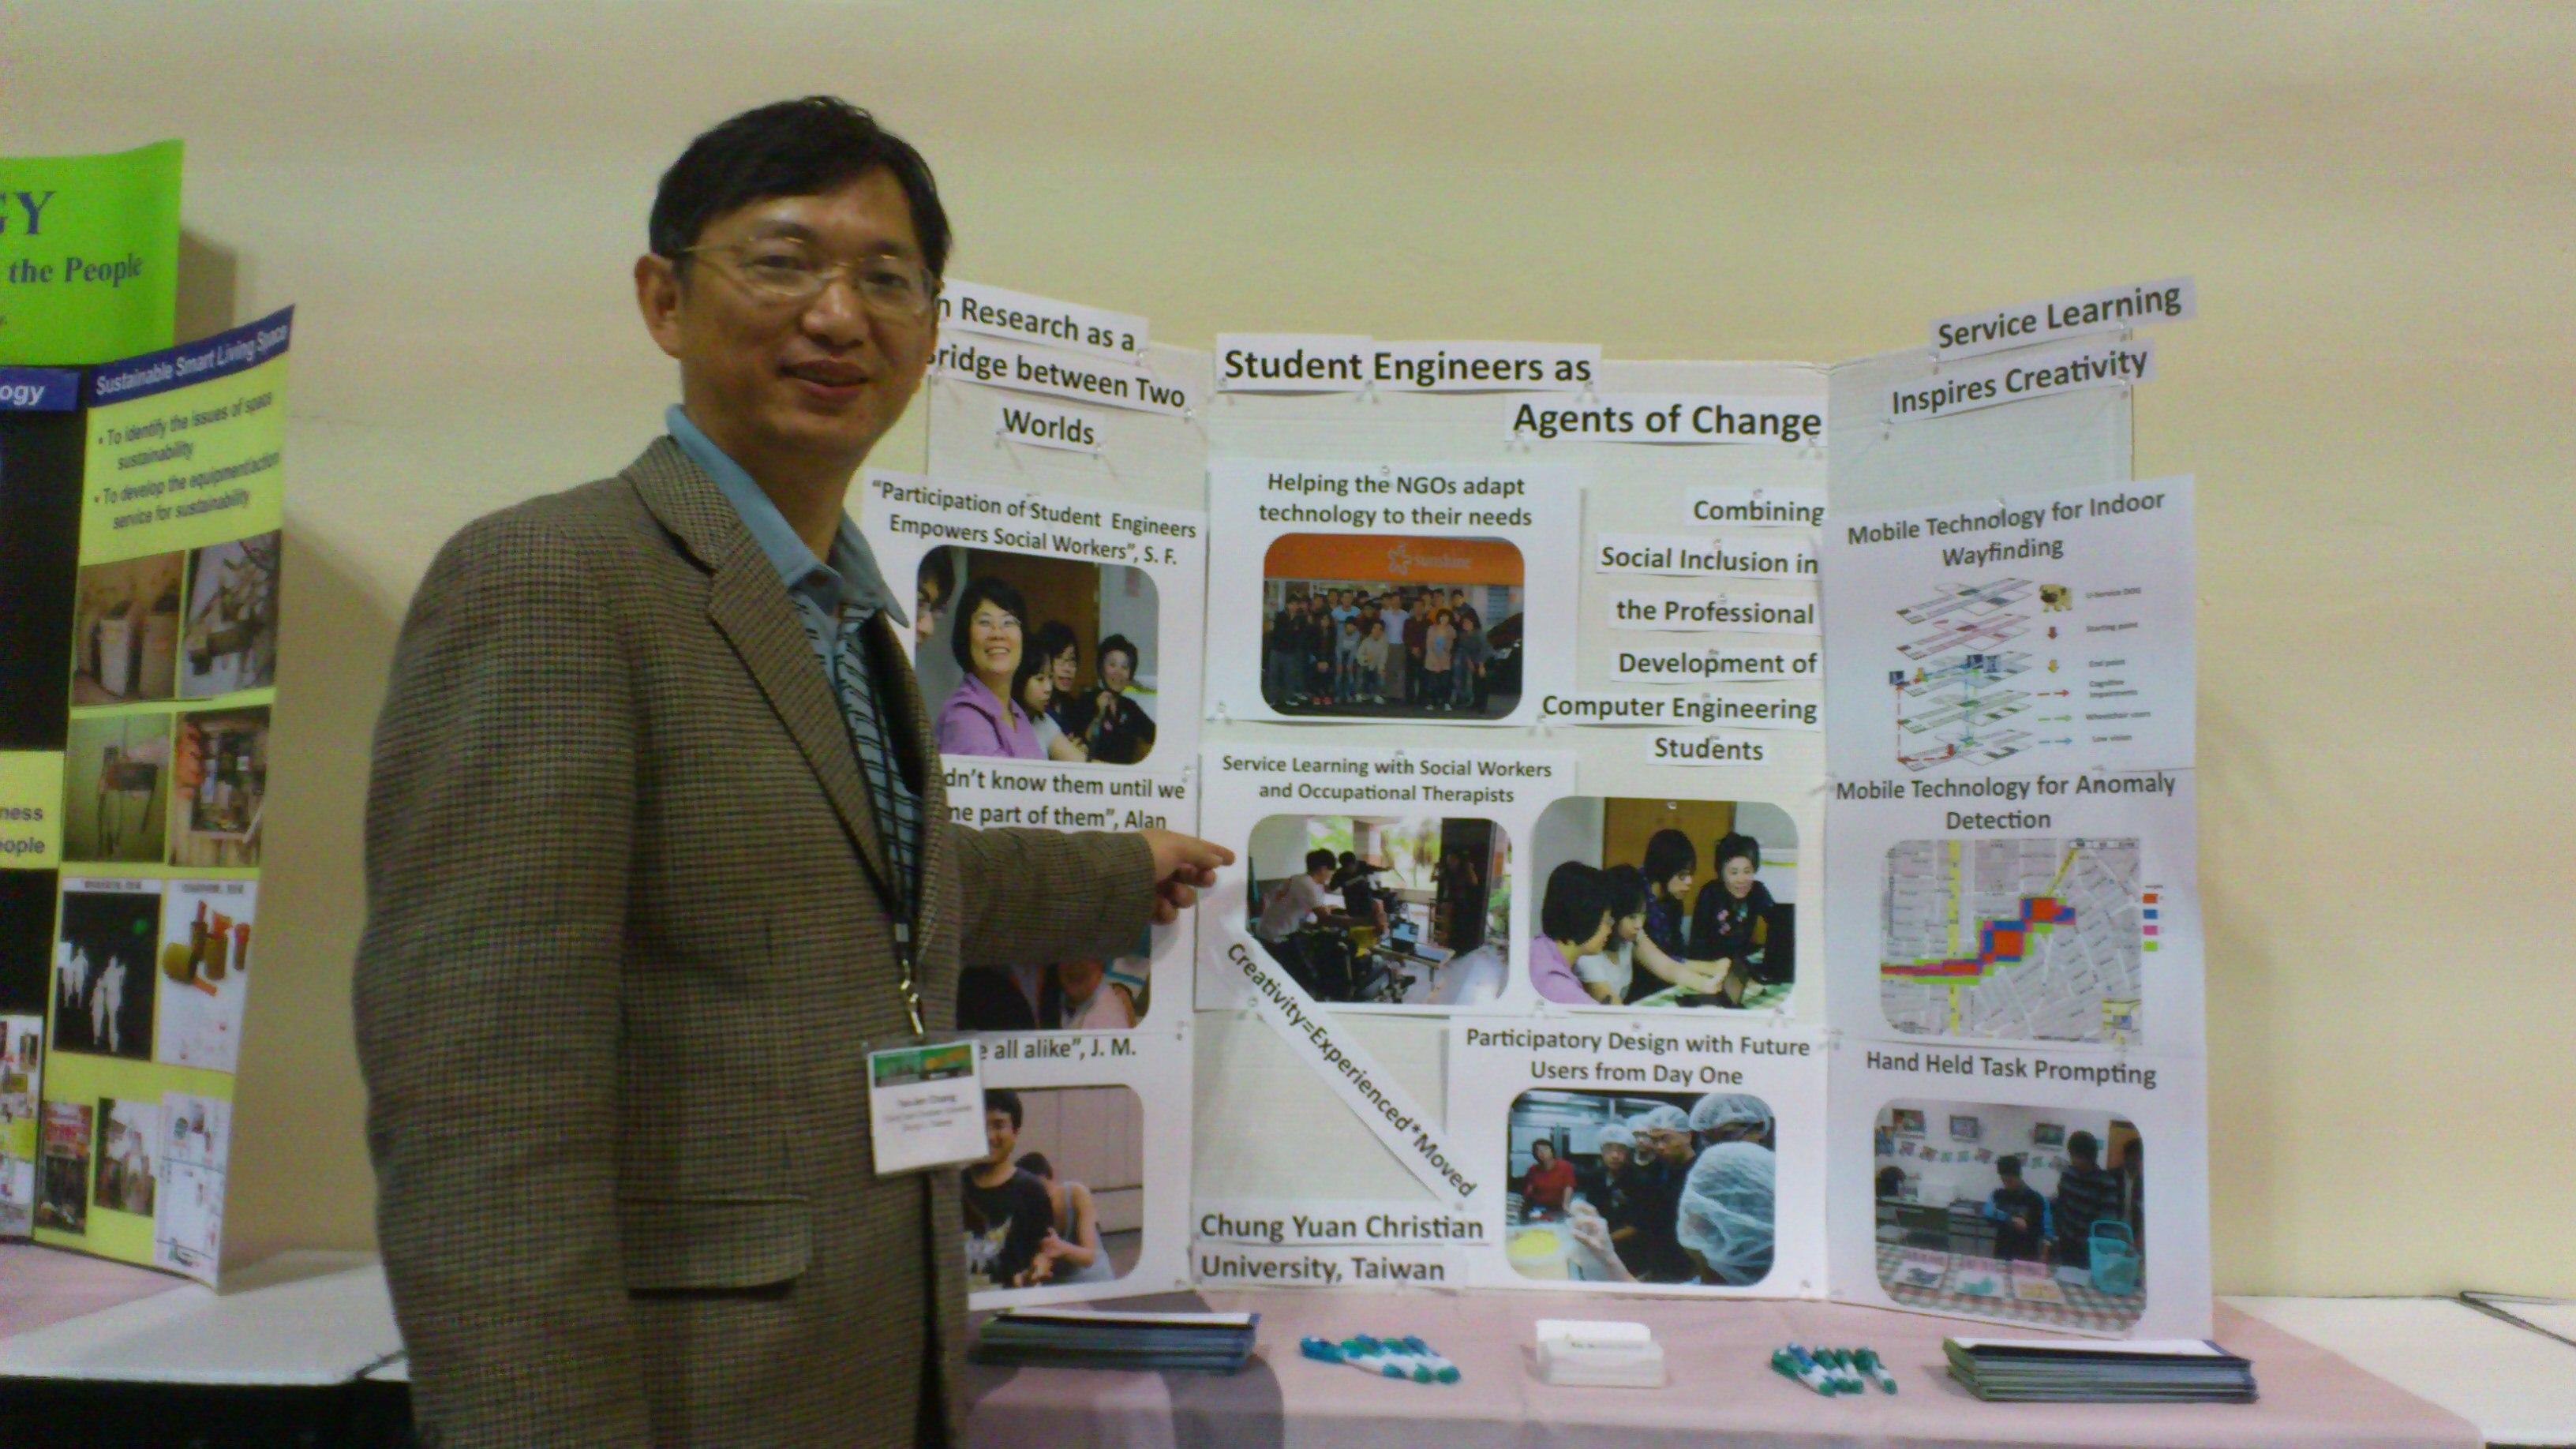 美國服務學習年會 張耀仁老師代表台灣出席